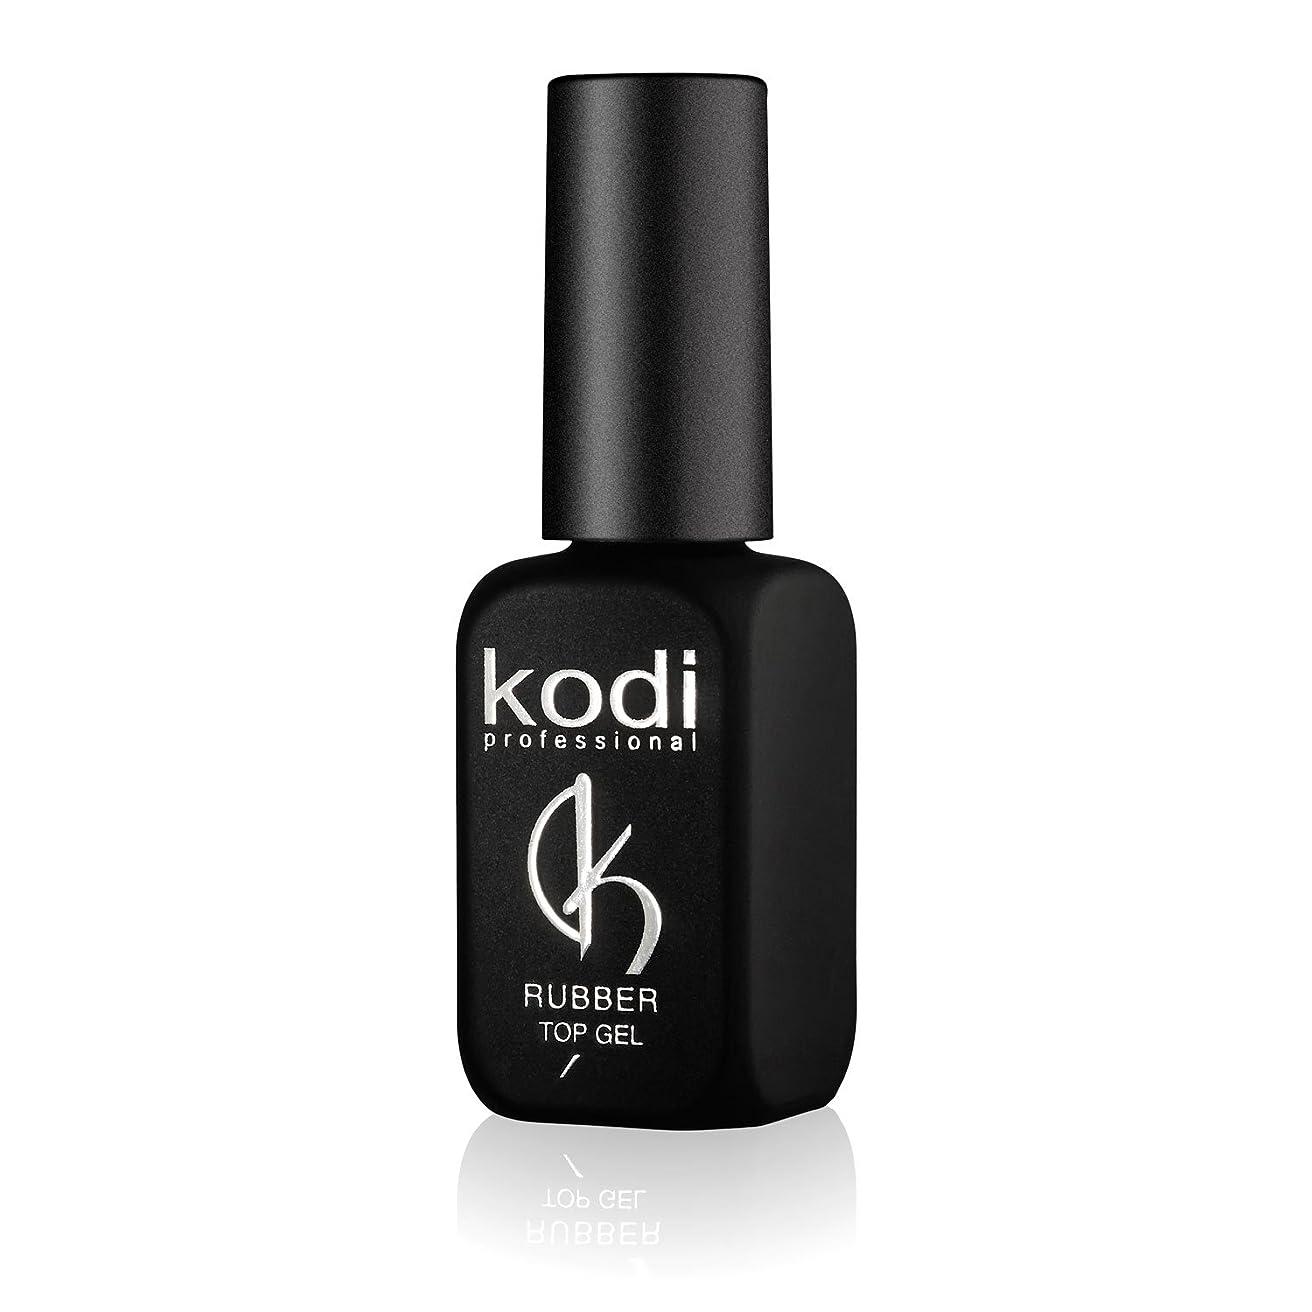 不愉快に脱臼する署名Professional Rubber Top Gel By Kodi | 12ml 0.42 oz | Soak Off, Polish Fingernails Coat Gel | For Long Lasting Nails Layer | Easy To Use, Non-Toxic & Scentless | Cure Under LED Or UV Lamp